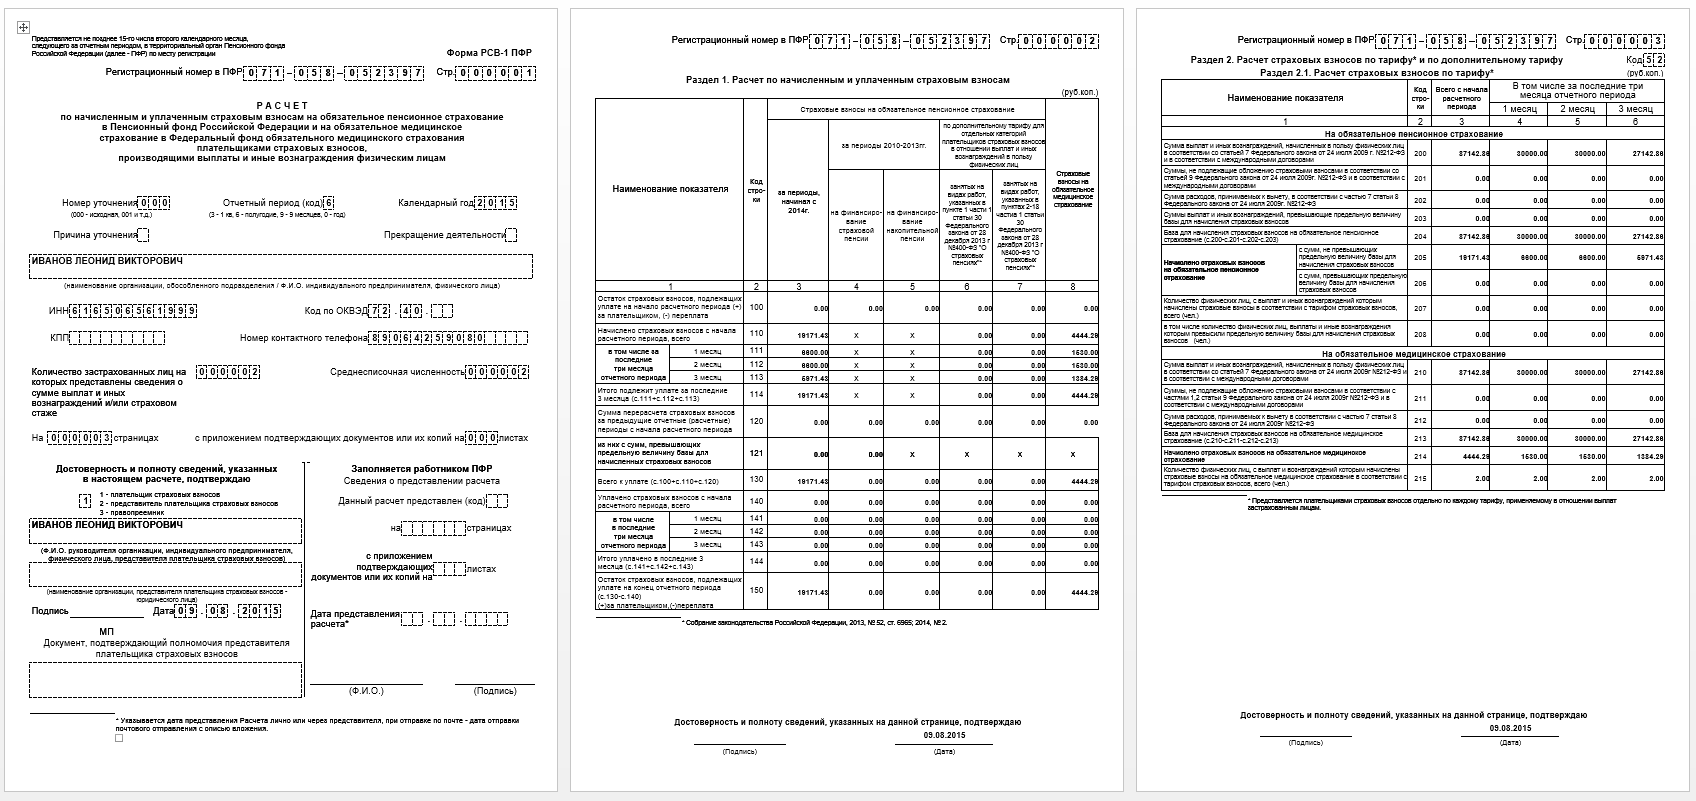 Образец заполнения журнала учёта движения путевых листов